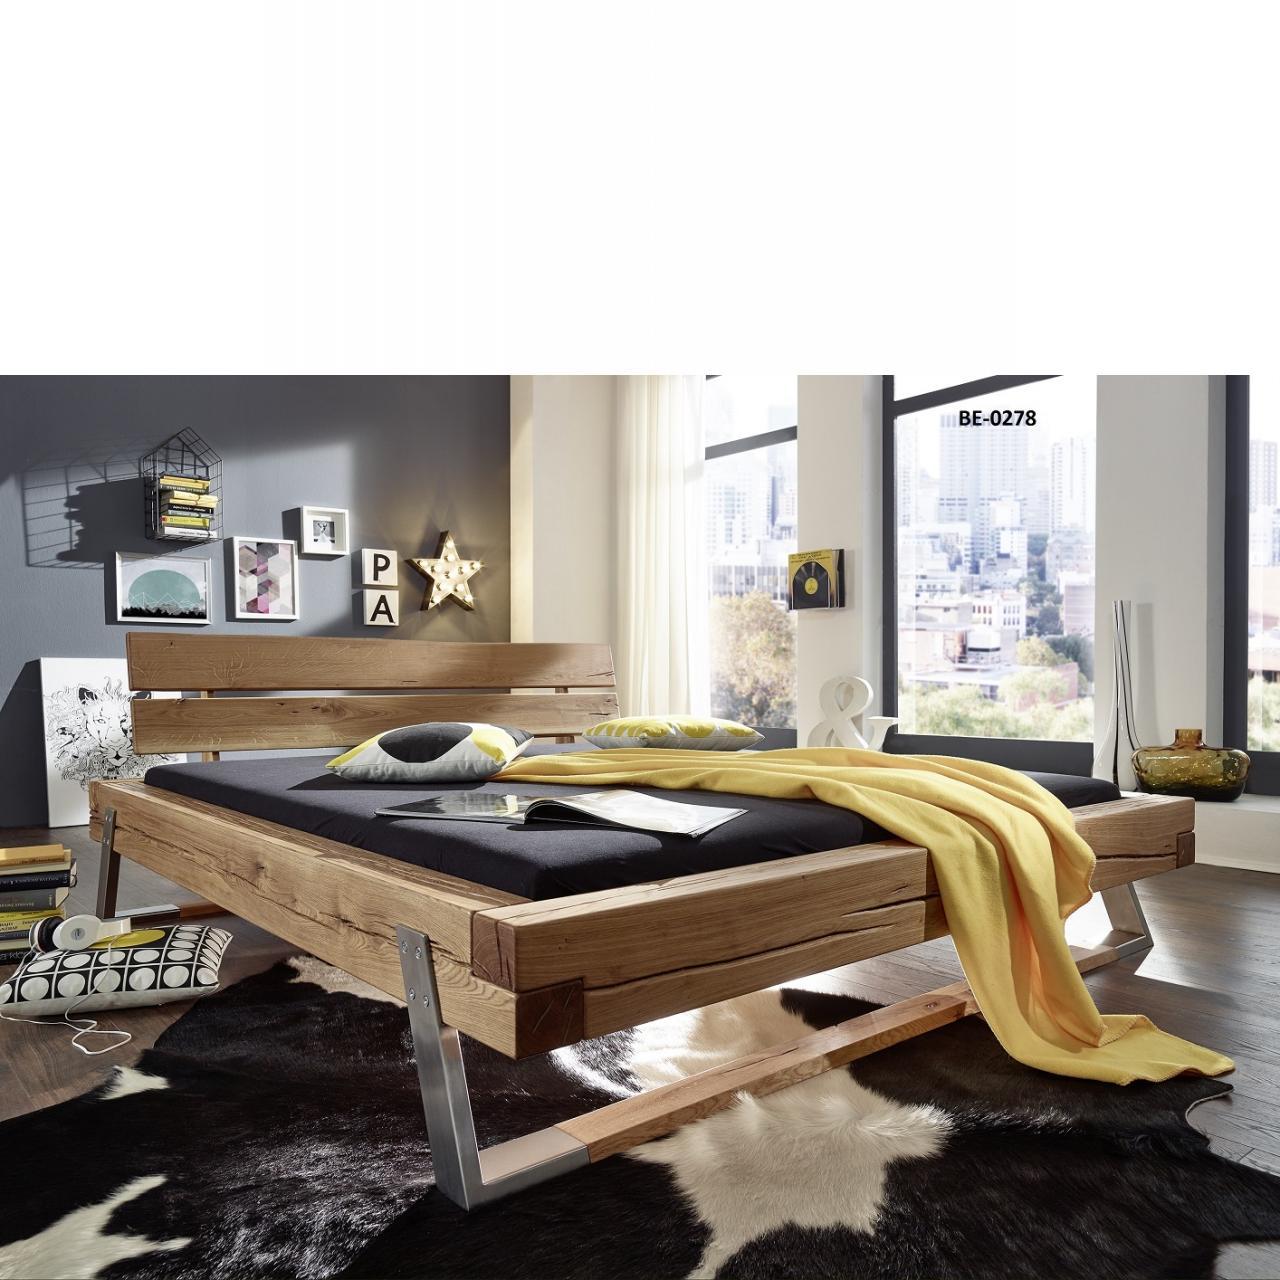 balkenbett be 0278 wildeiche massiv 180x200 cm m bel j hnichen center gmbh. Black Bedroom Furniture Sets. Home Design Ideas